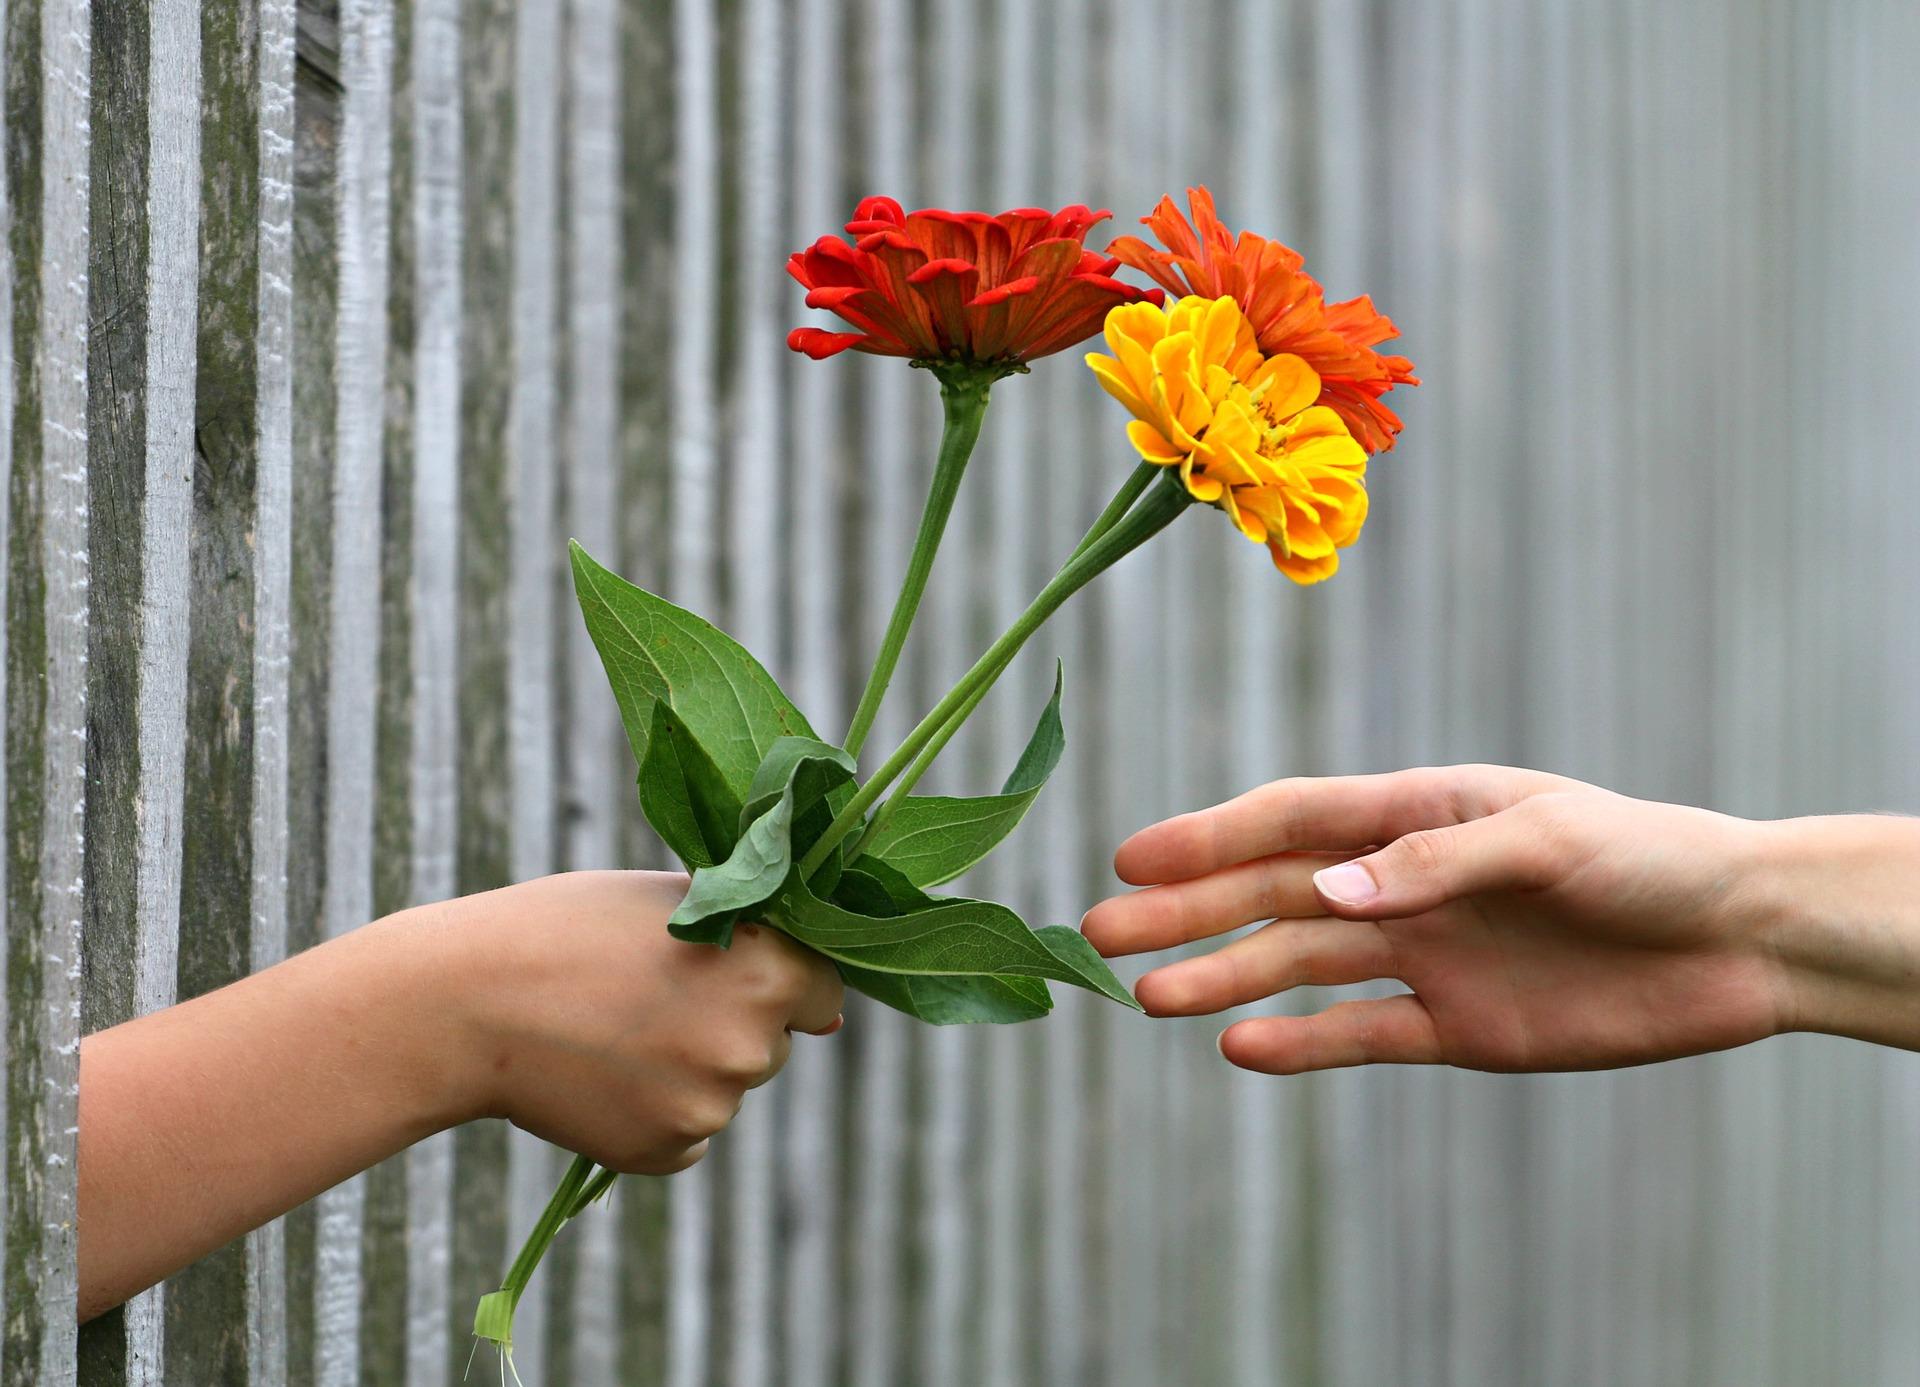 geben, nehmen, geschenk, netzwerken, smalltalk